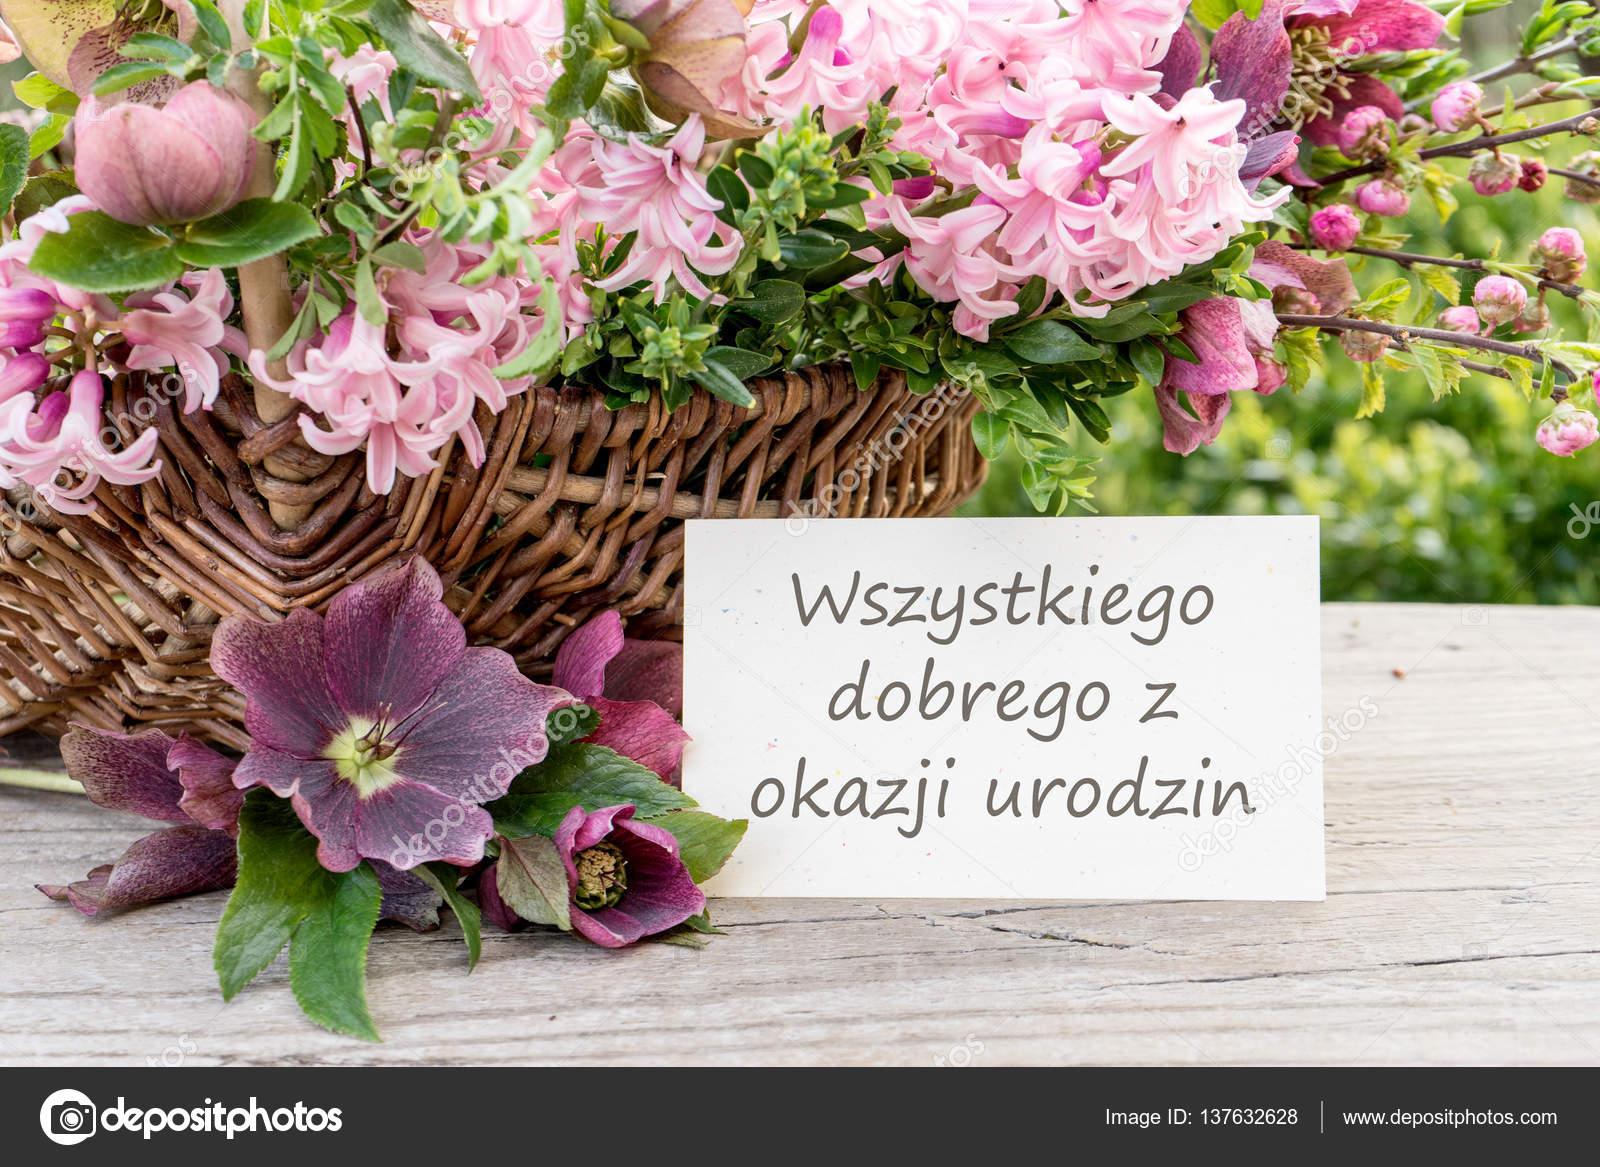 grattis på födelsedagen polska Polska födelsedagskort — Stockfotografi © coramueller #137632628 grattis på födelsedagen polska